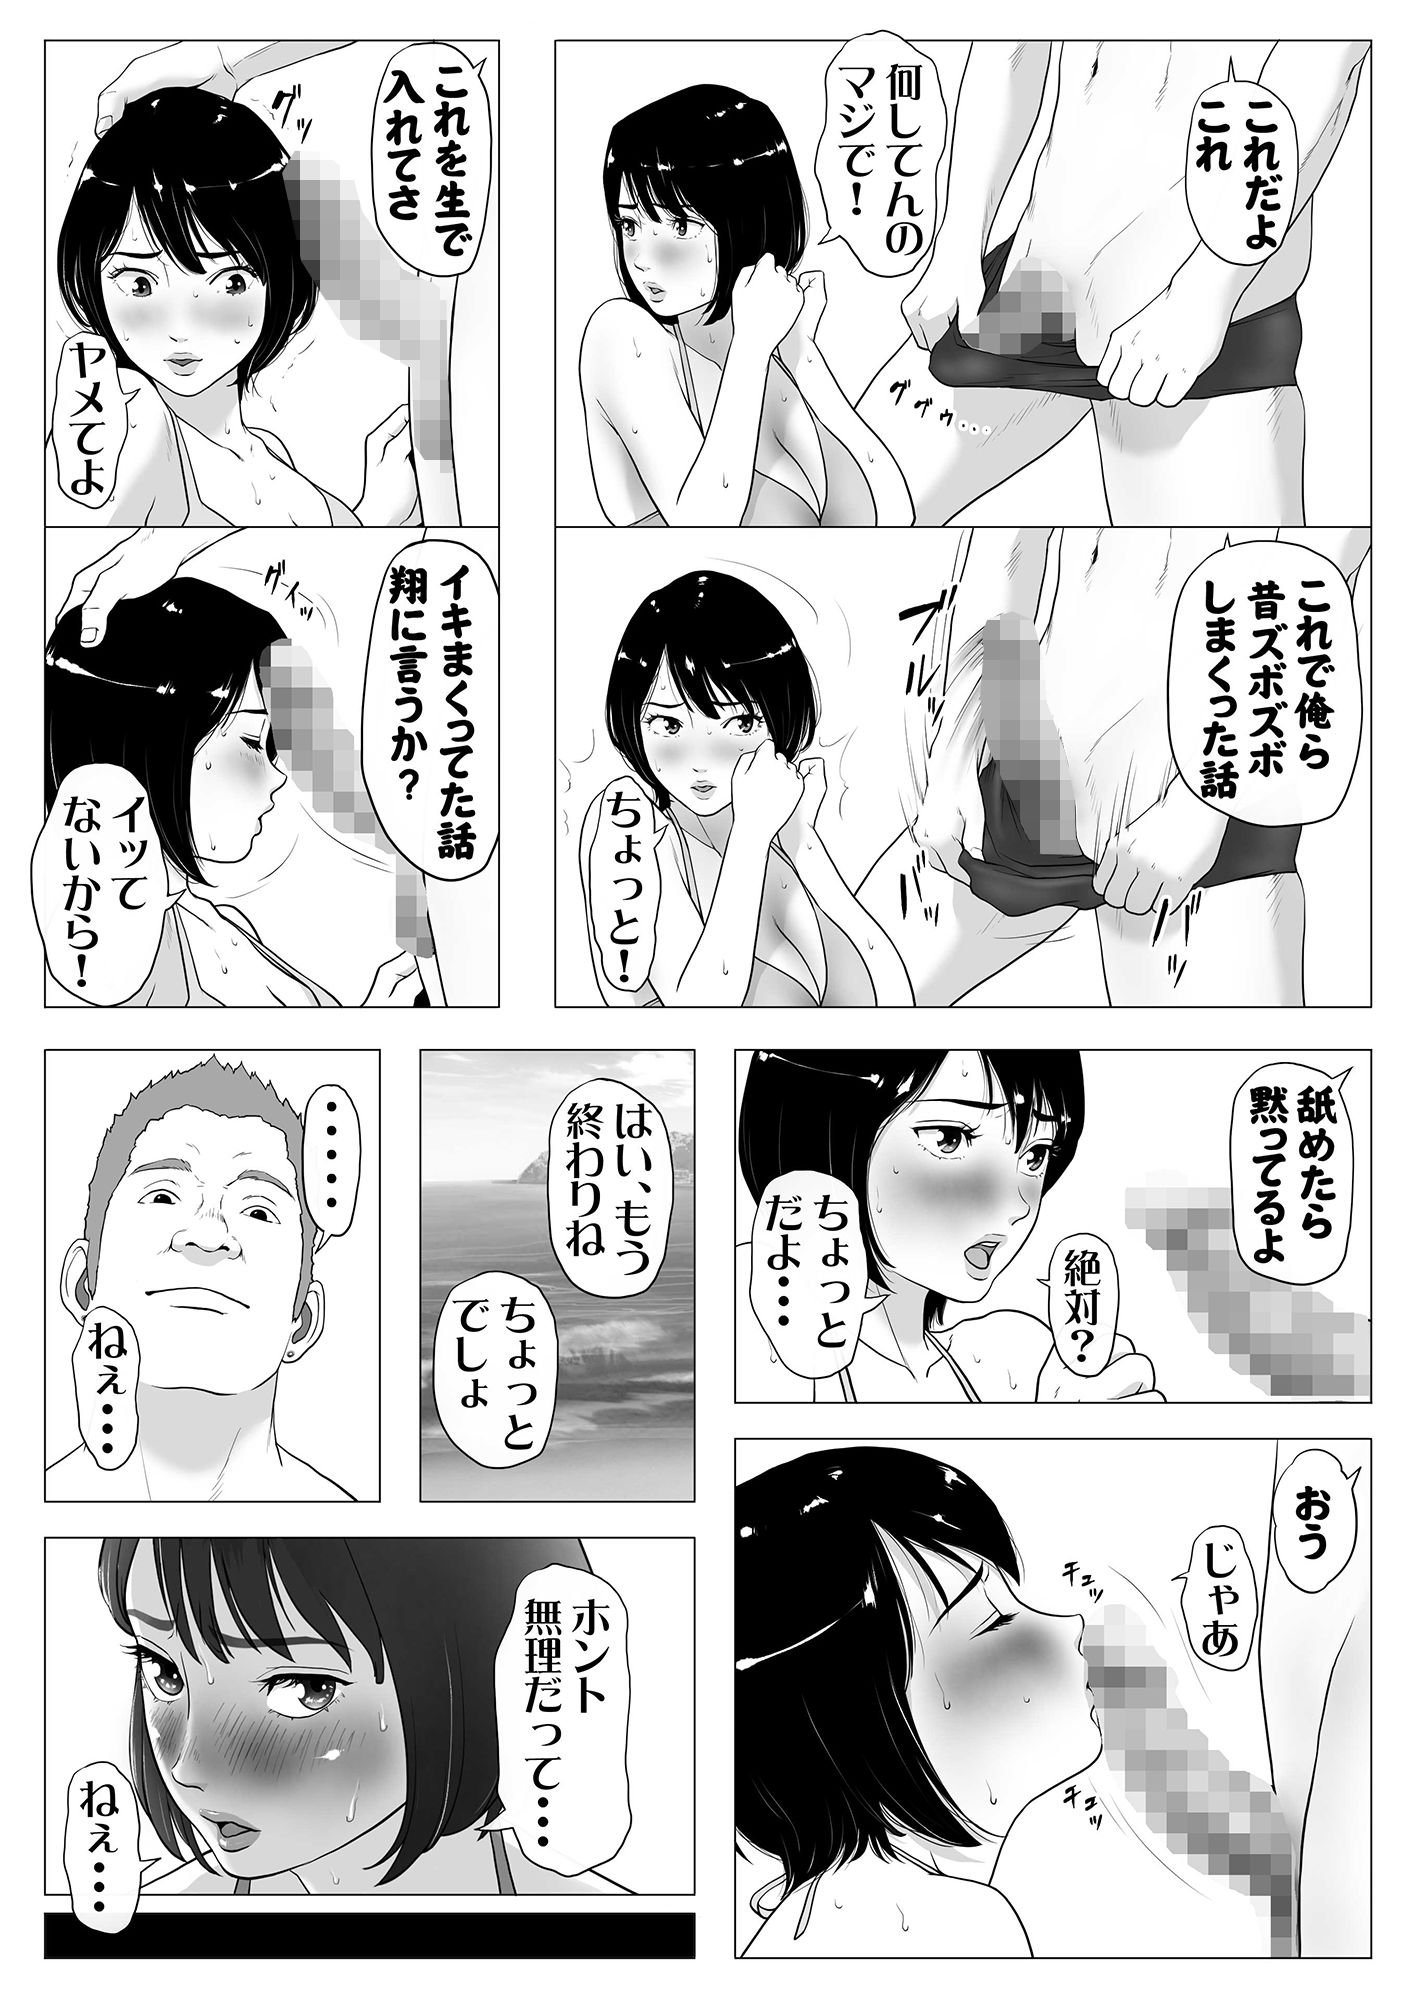 【エロ漫画無料大全集】【JKエロ漫画】元カレを忘れる為に渋々付き合った男がヤバ過ぎたwww